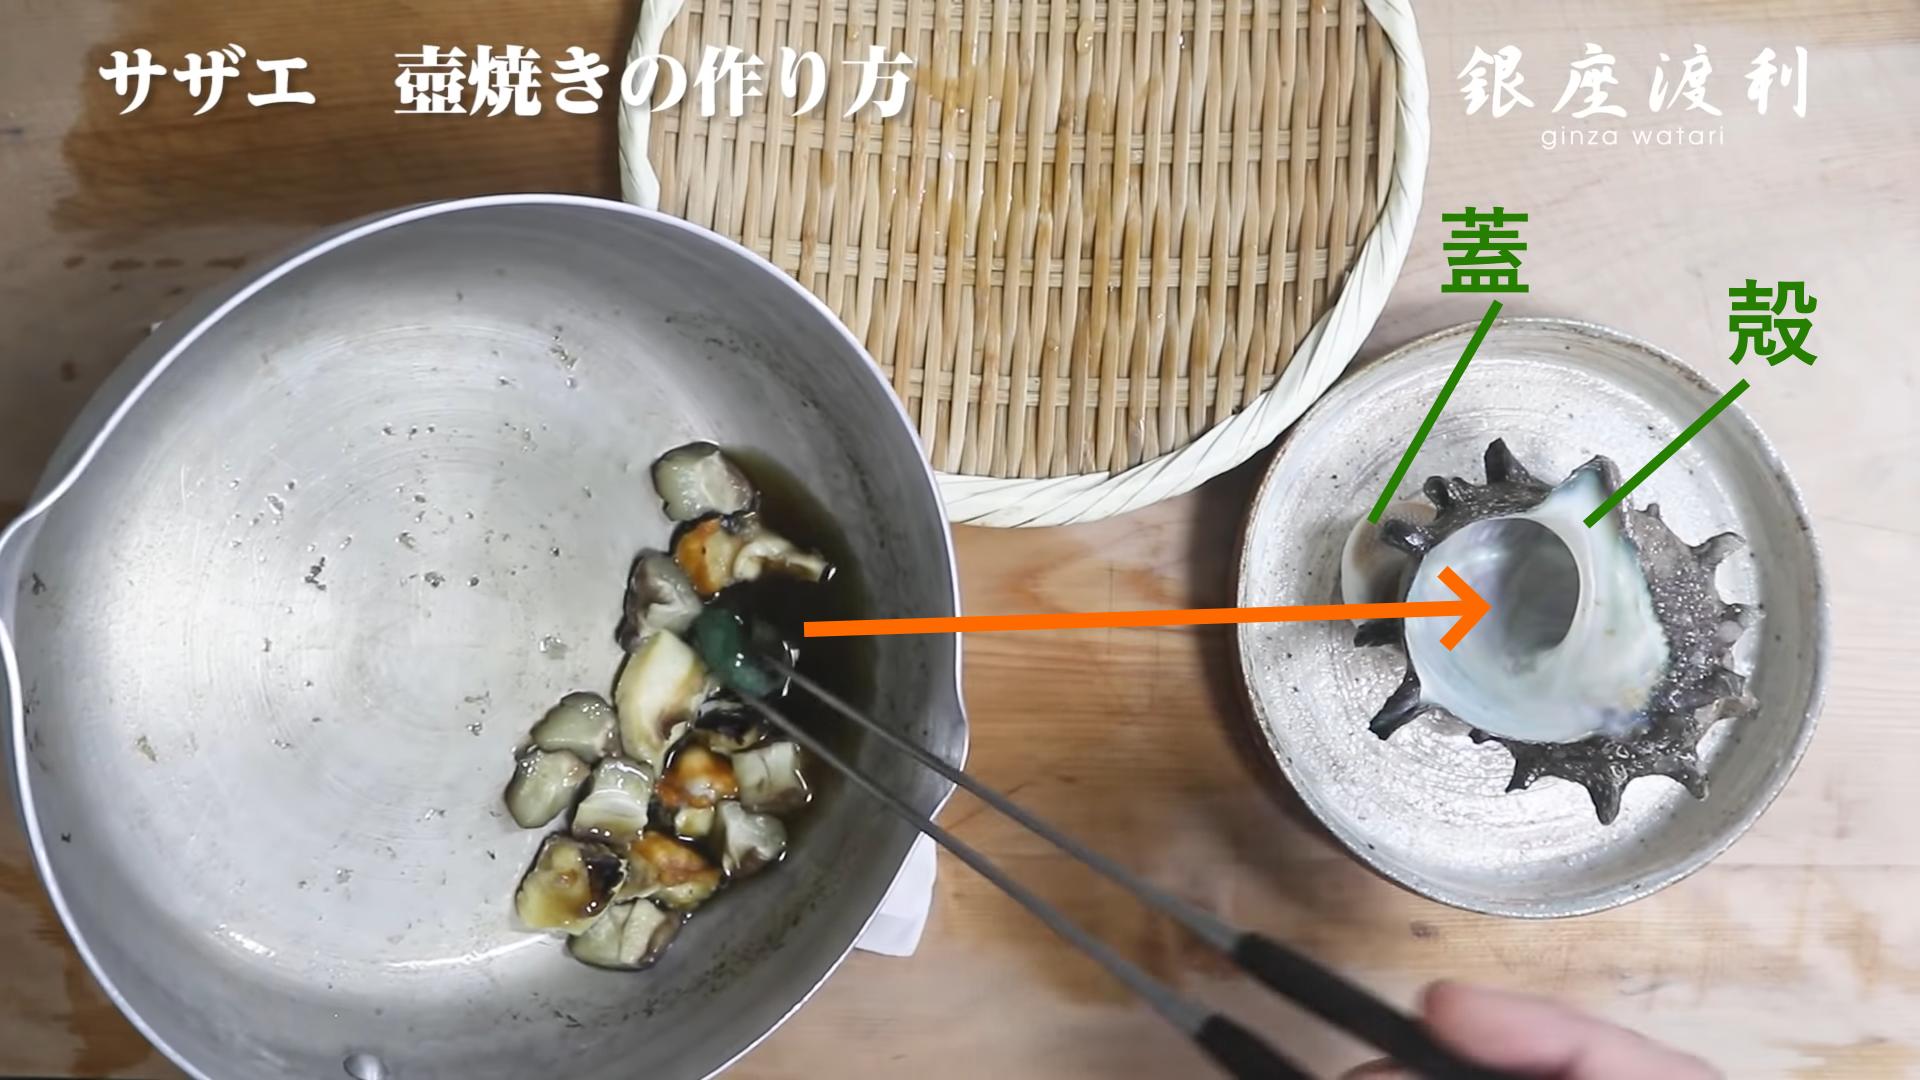 作り方 つぼ焼き サザエ の